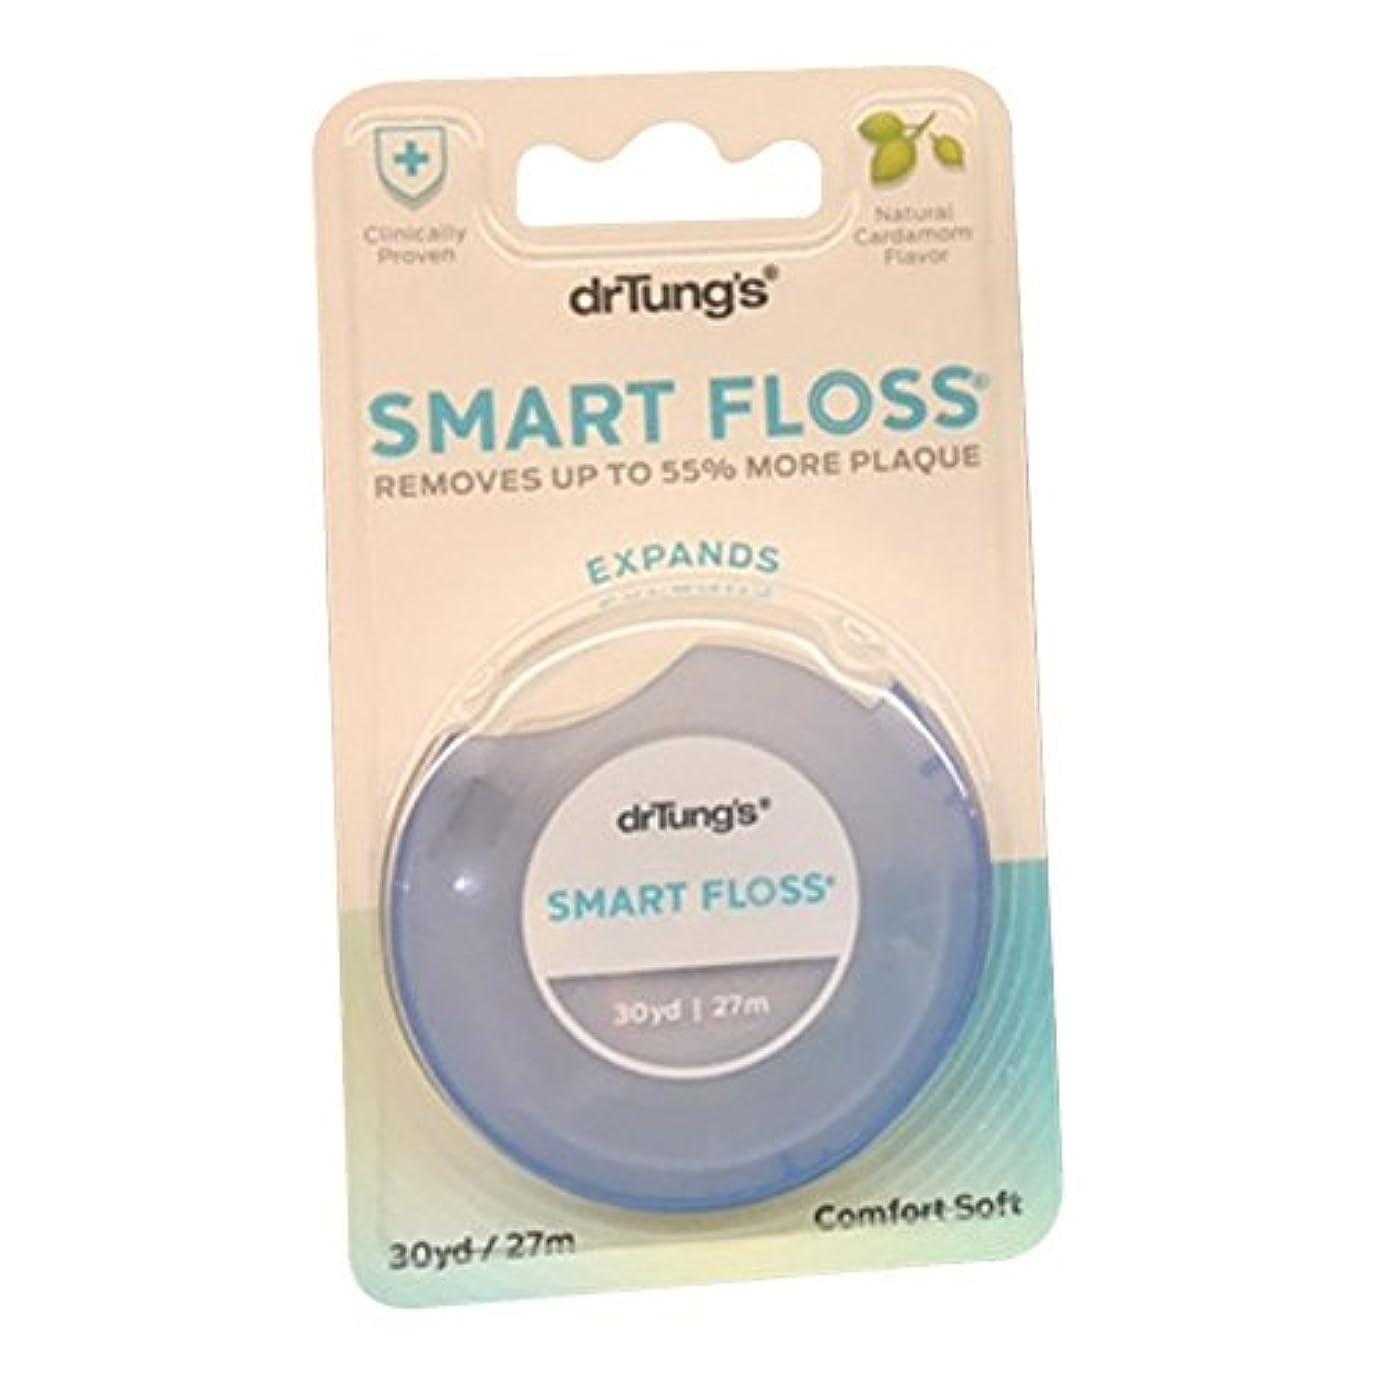 宣言インデックスブラケット【並行輸入品】Dr. Tung's Products: Smart Floss Dental Floss 30 yards (12 pack)